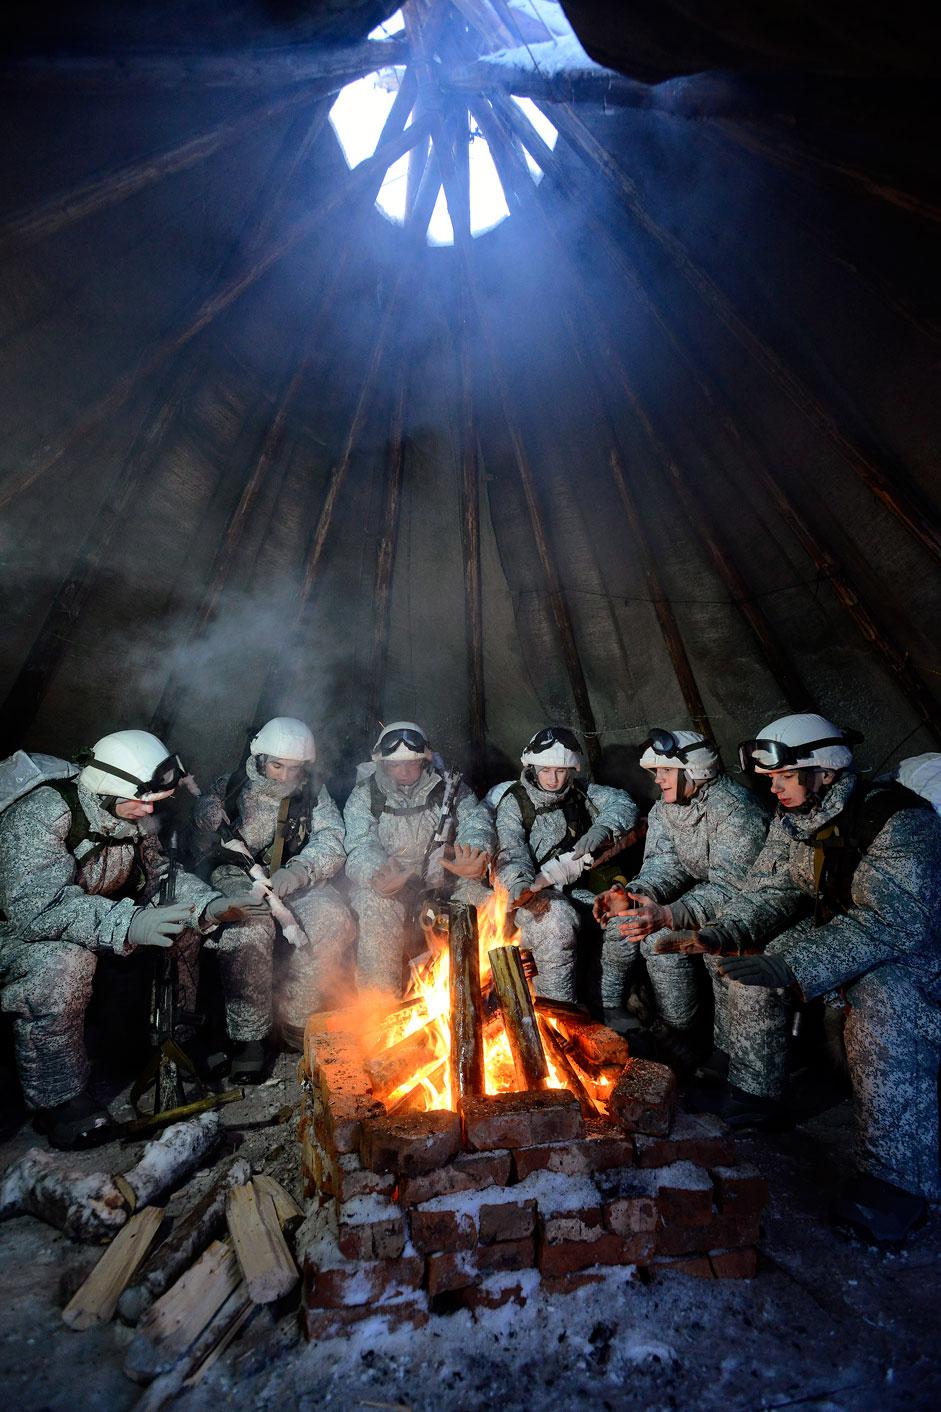 Во текот на воените вежби на 80 Арктичка посебна моторизирана стрелечка бригада, формирана како дел од Здружената стратешка команда на Северната флота. Новата единица е стационирана во селото Алакурти, Мурмански регион, Русија.